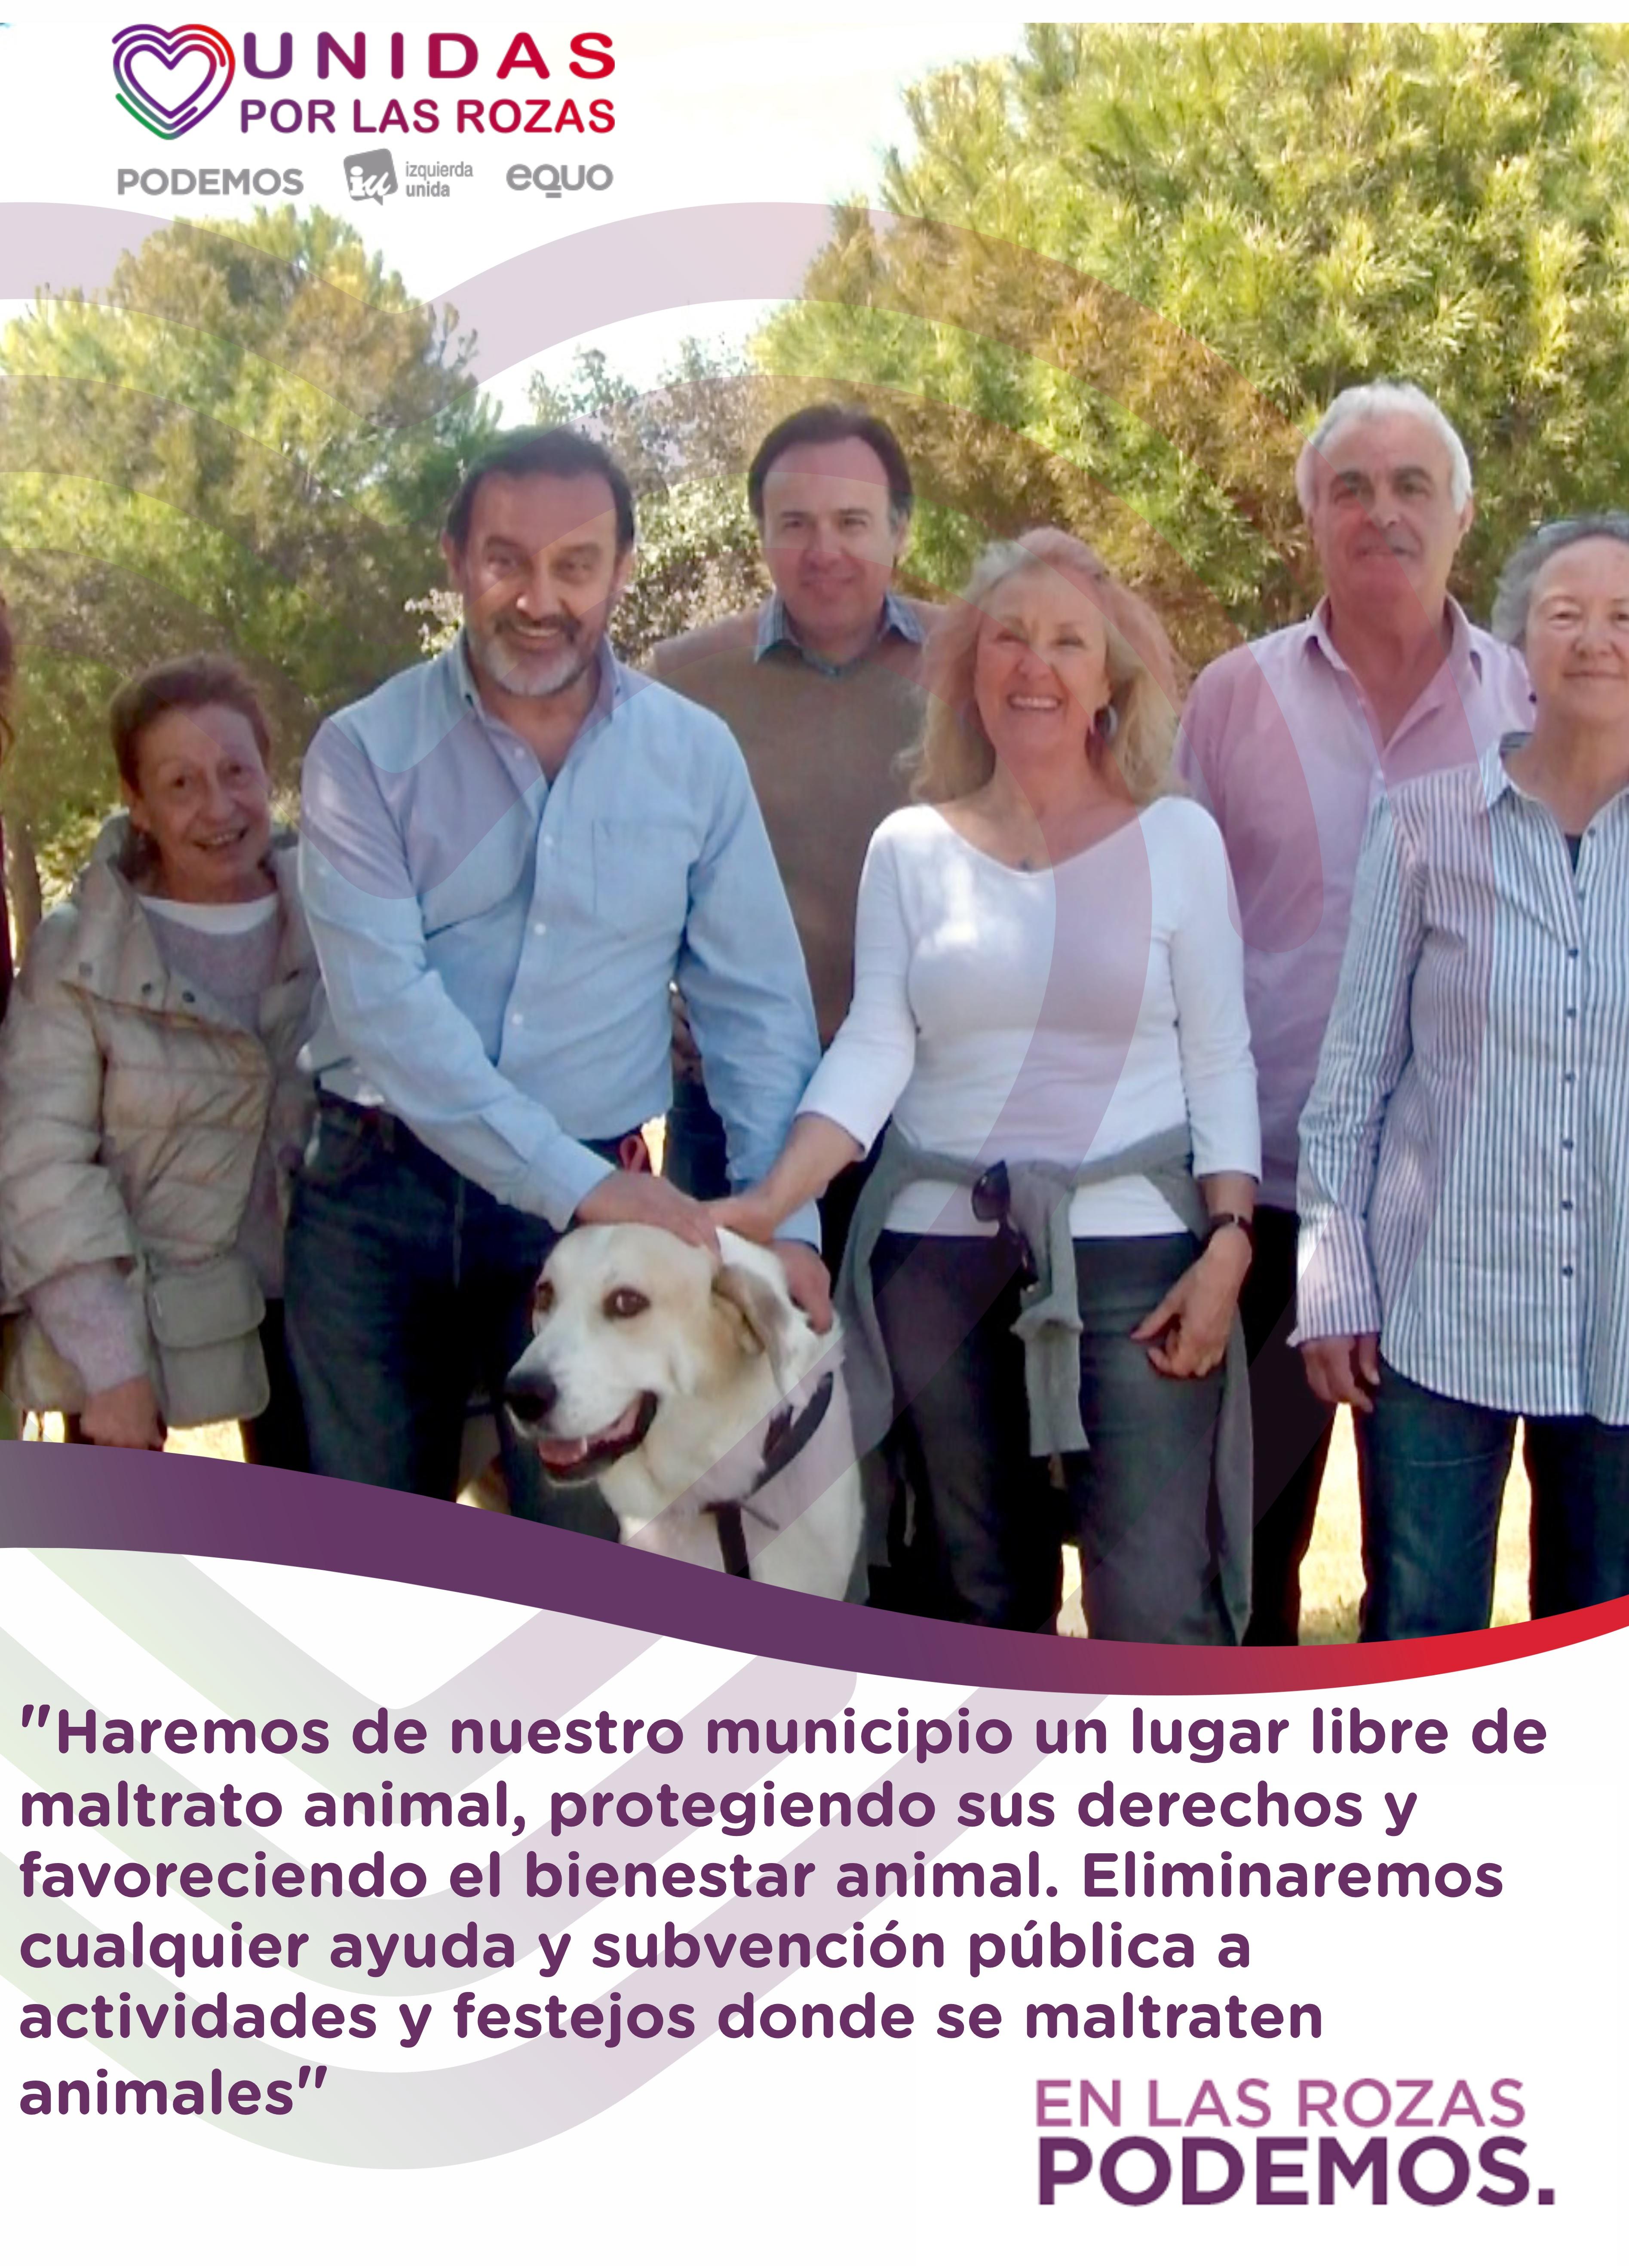 unidas_por_las_rozas_programa_cultura_maltrato_animal